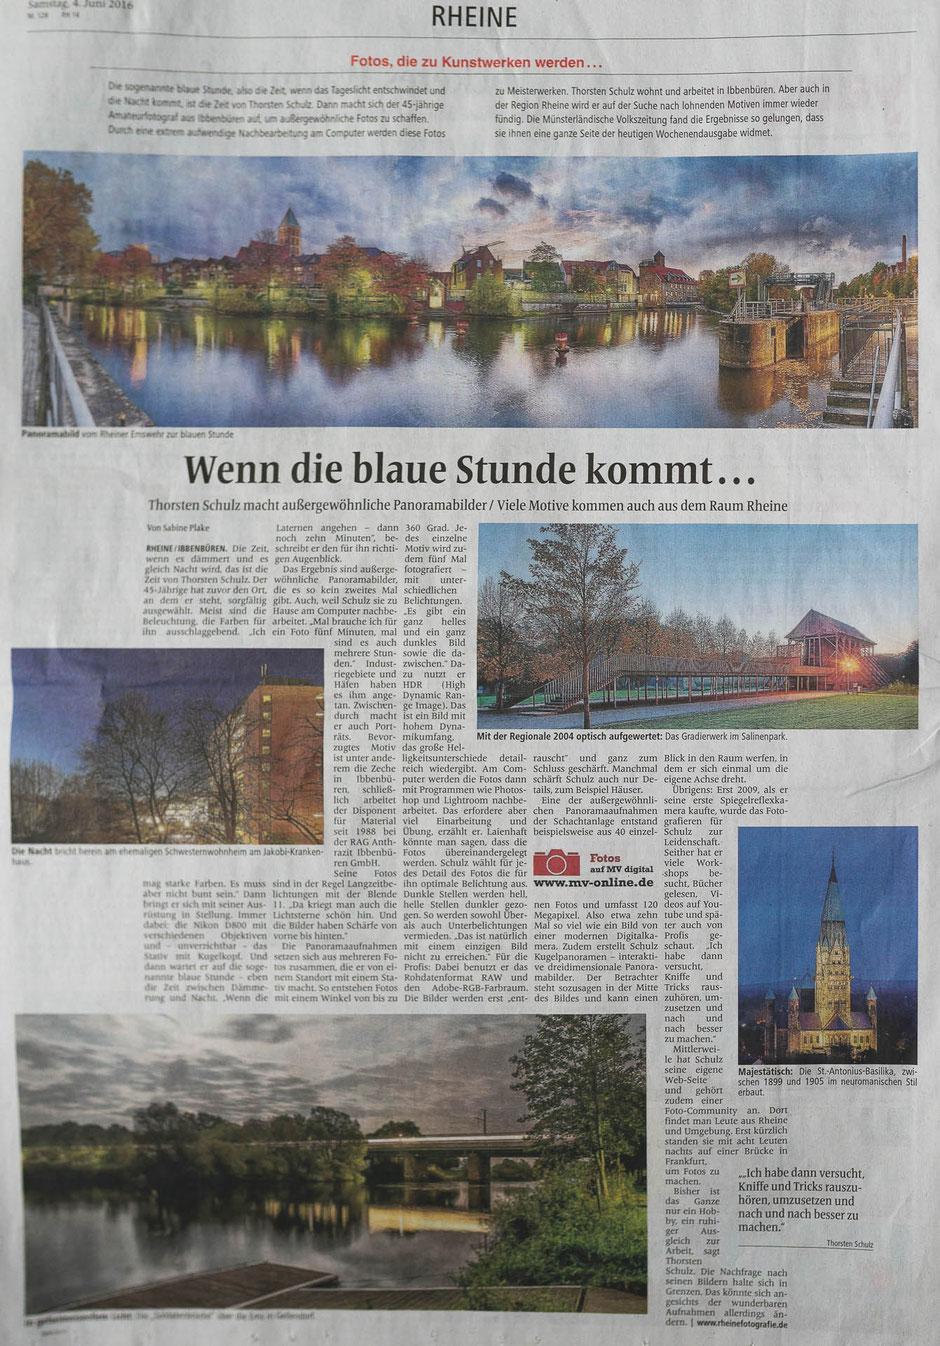 Münsterländische Volkszeitung, Ausgabe vom 04.06.2016